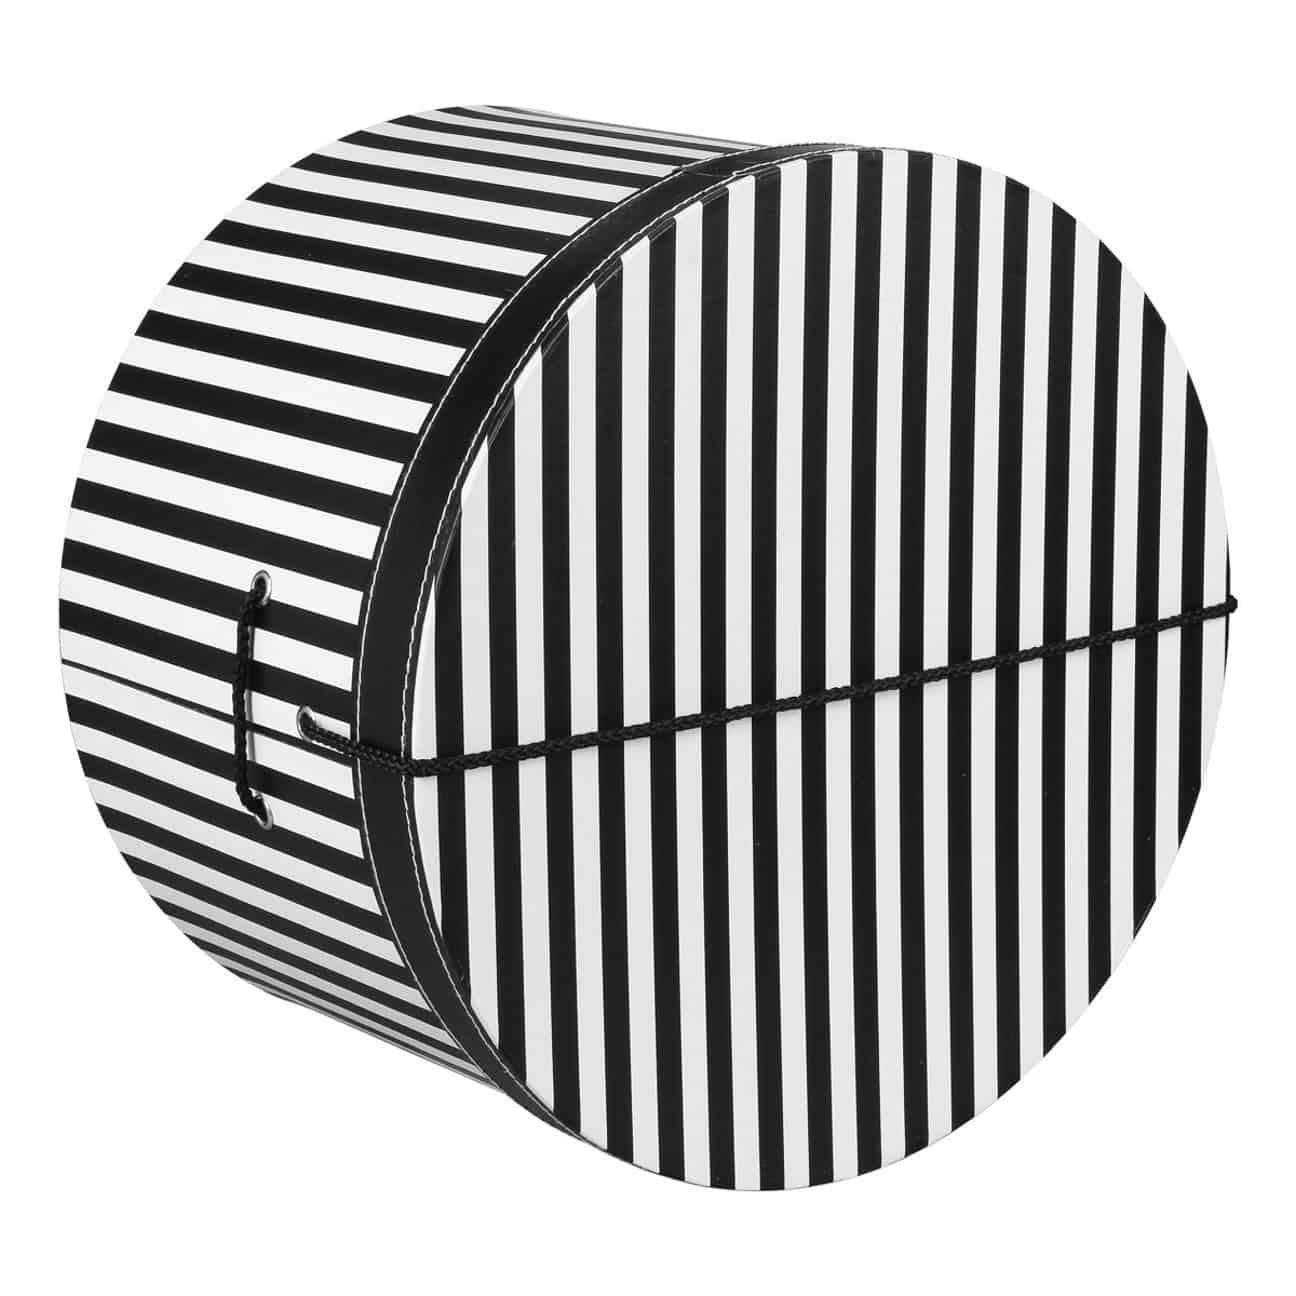 Caja Sombrero a Rayas 42 cm by Lierys - Sombreros - sombreroshop.es b825c586bba